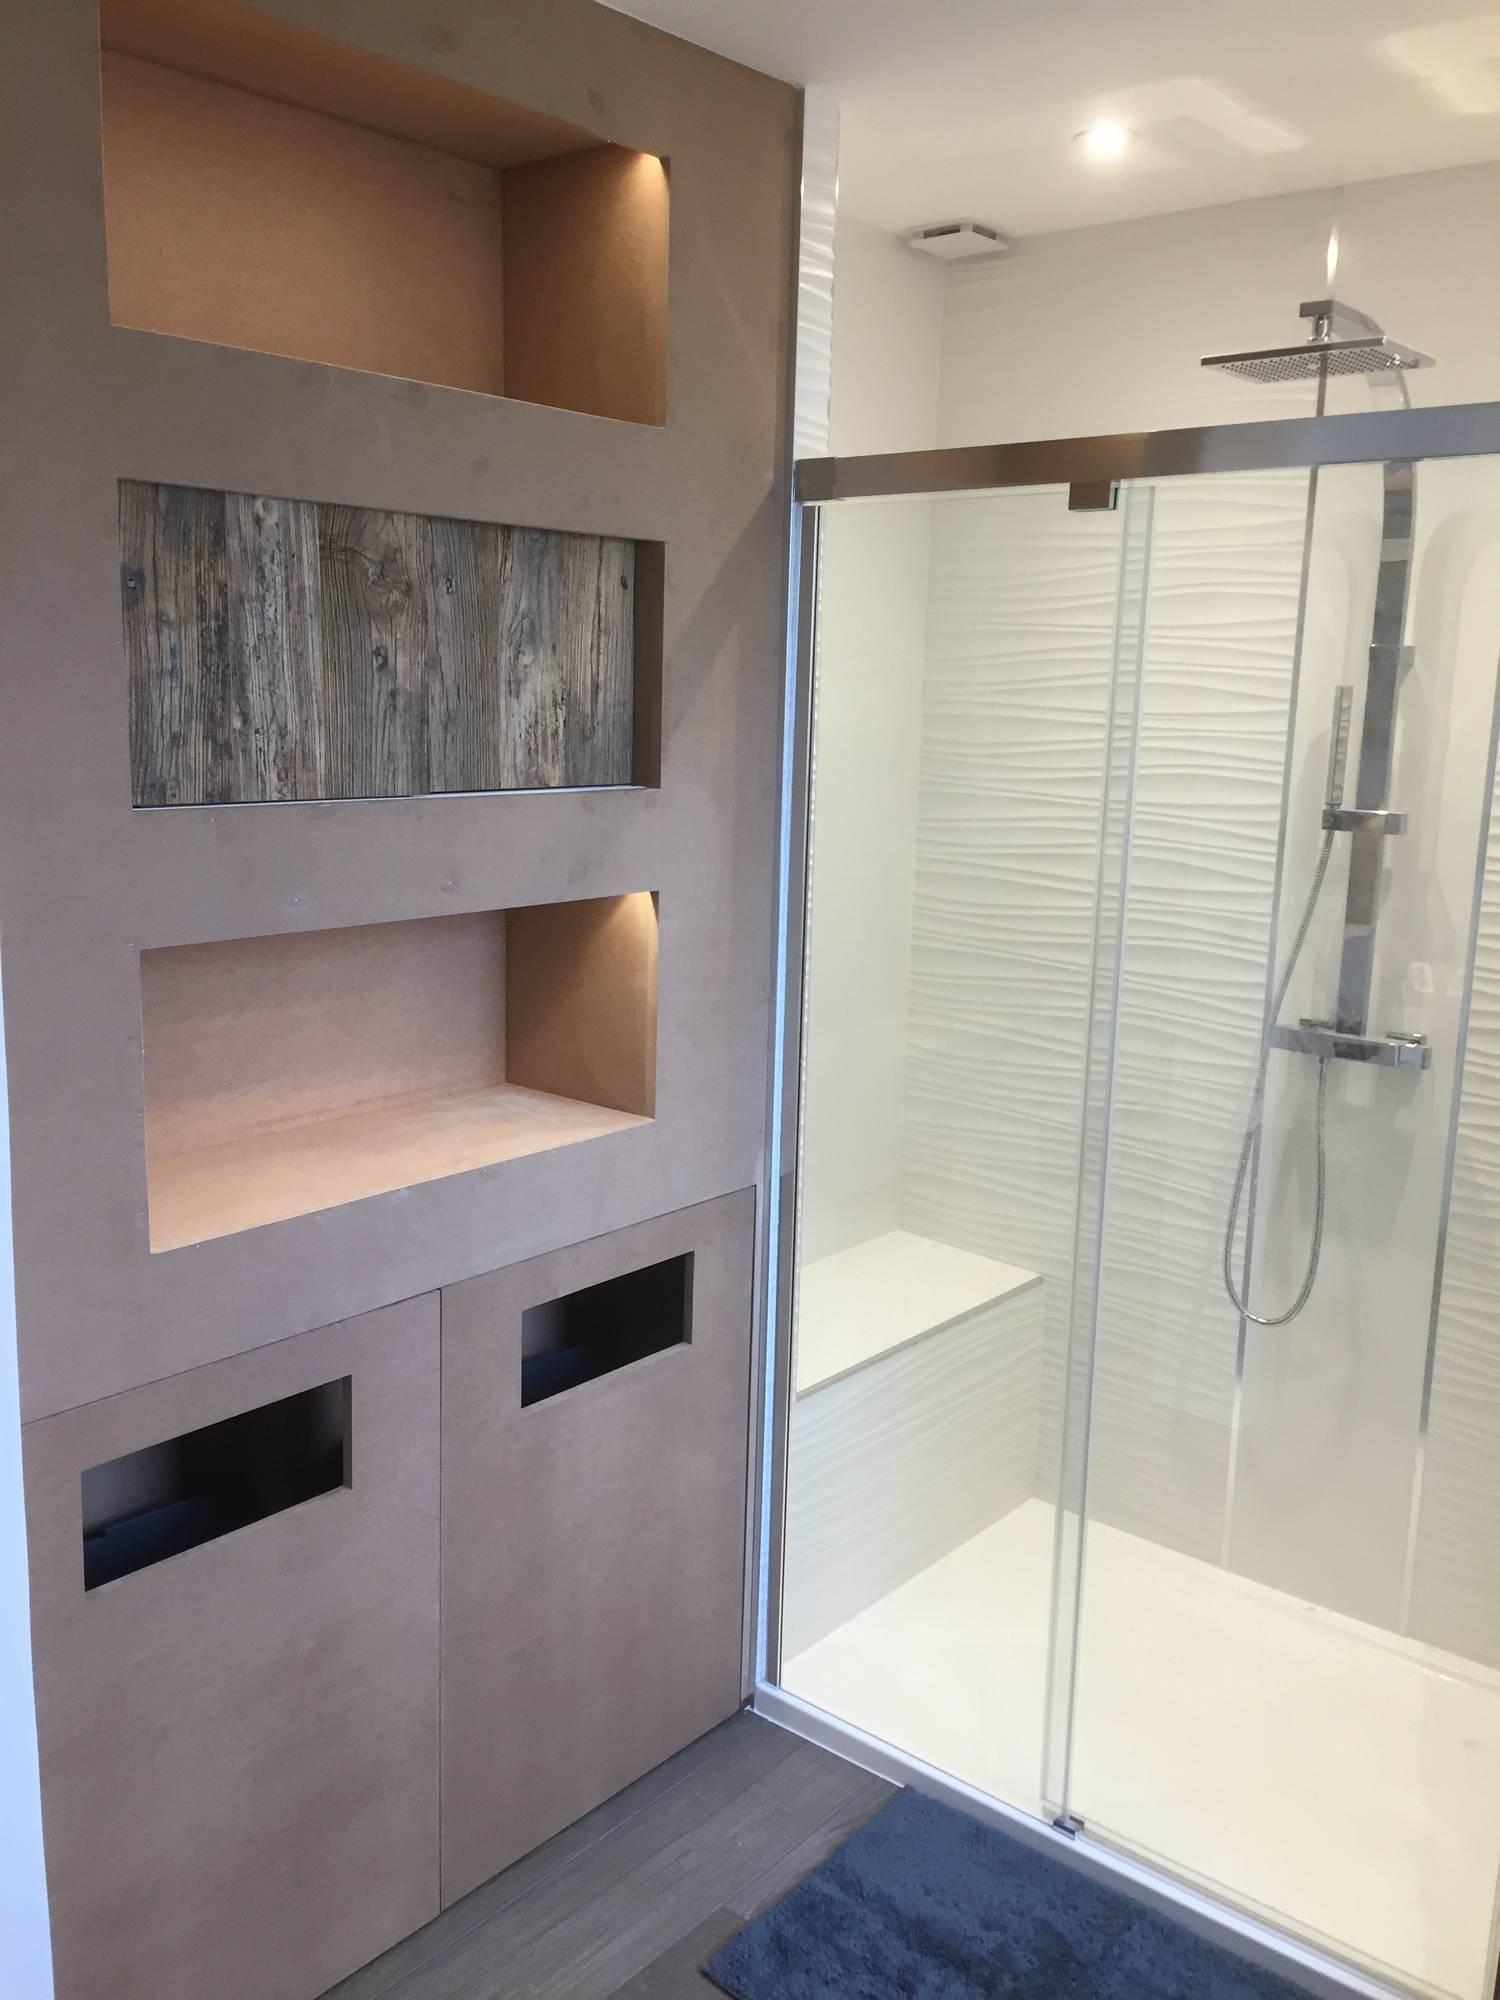 agencement de salle de bain rangements sur mesure selon vos souhaits in deco. Black Bedroom Furniture Sets. Home Design Ideas